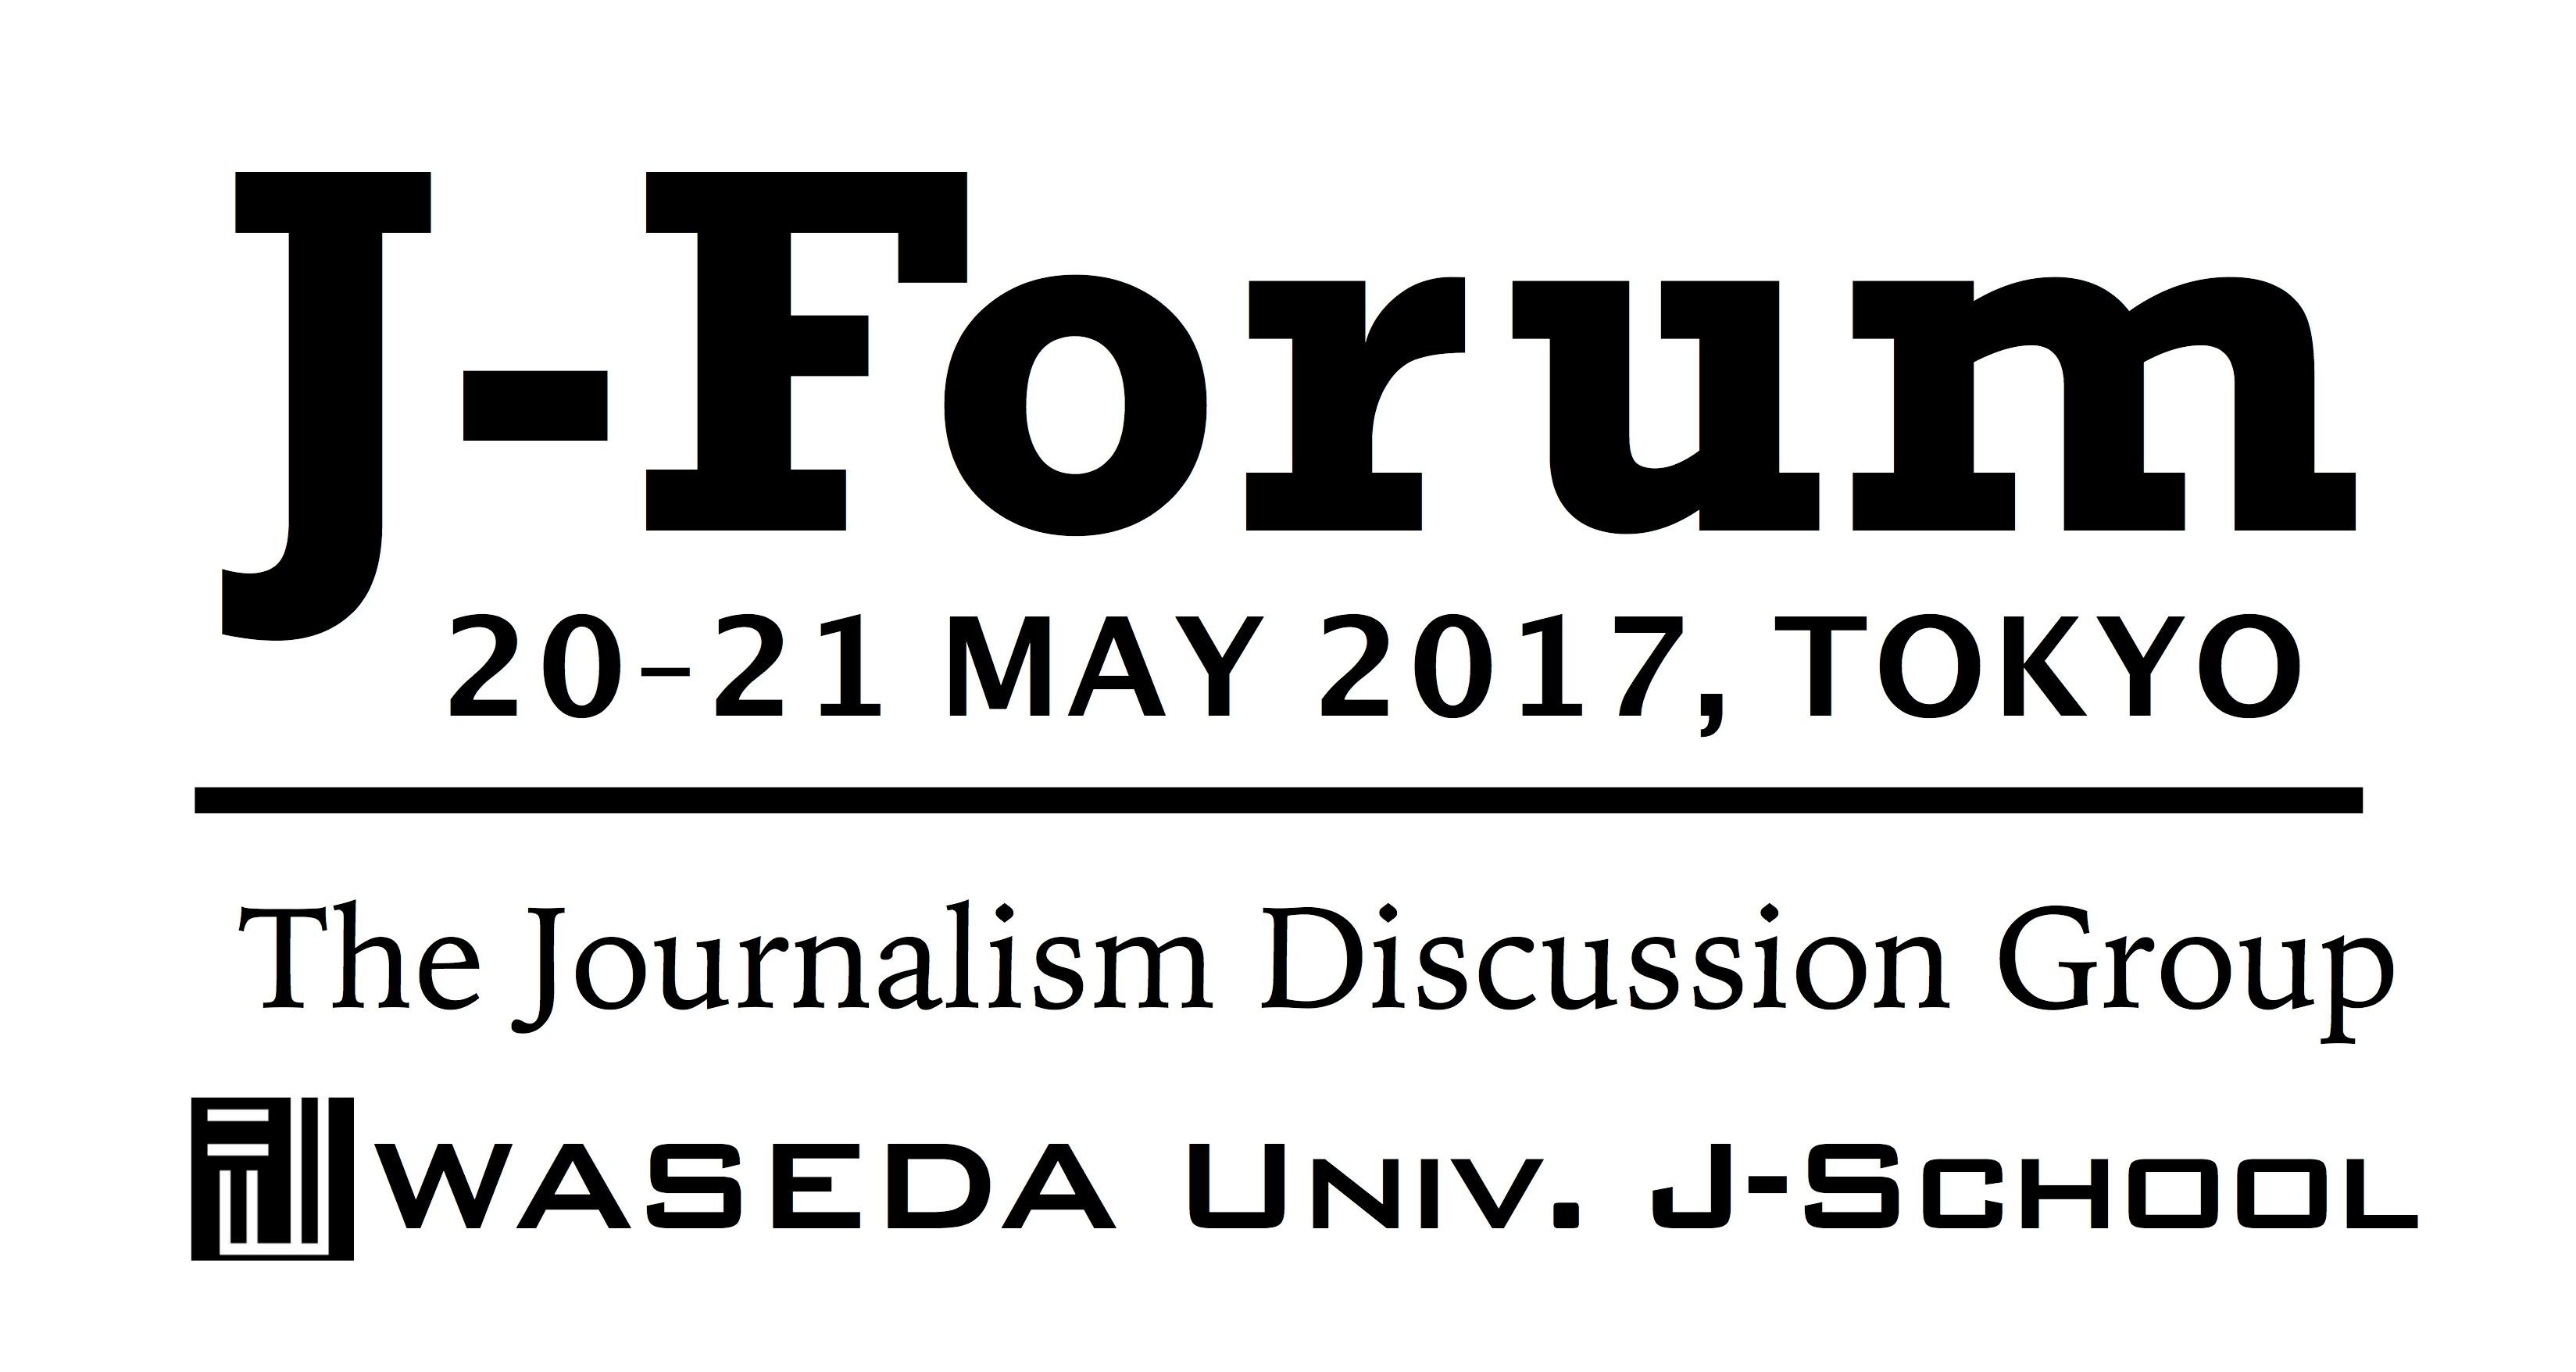 報道実務家フォーラム拡大版を5/20-21に開催   グローバル調査報道ネットワーク(GIJN)が後援(終了しました)